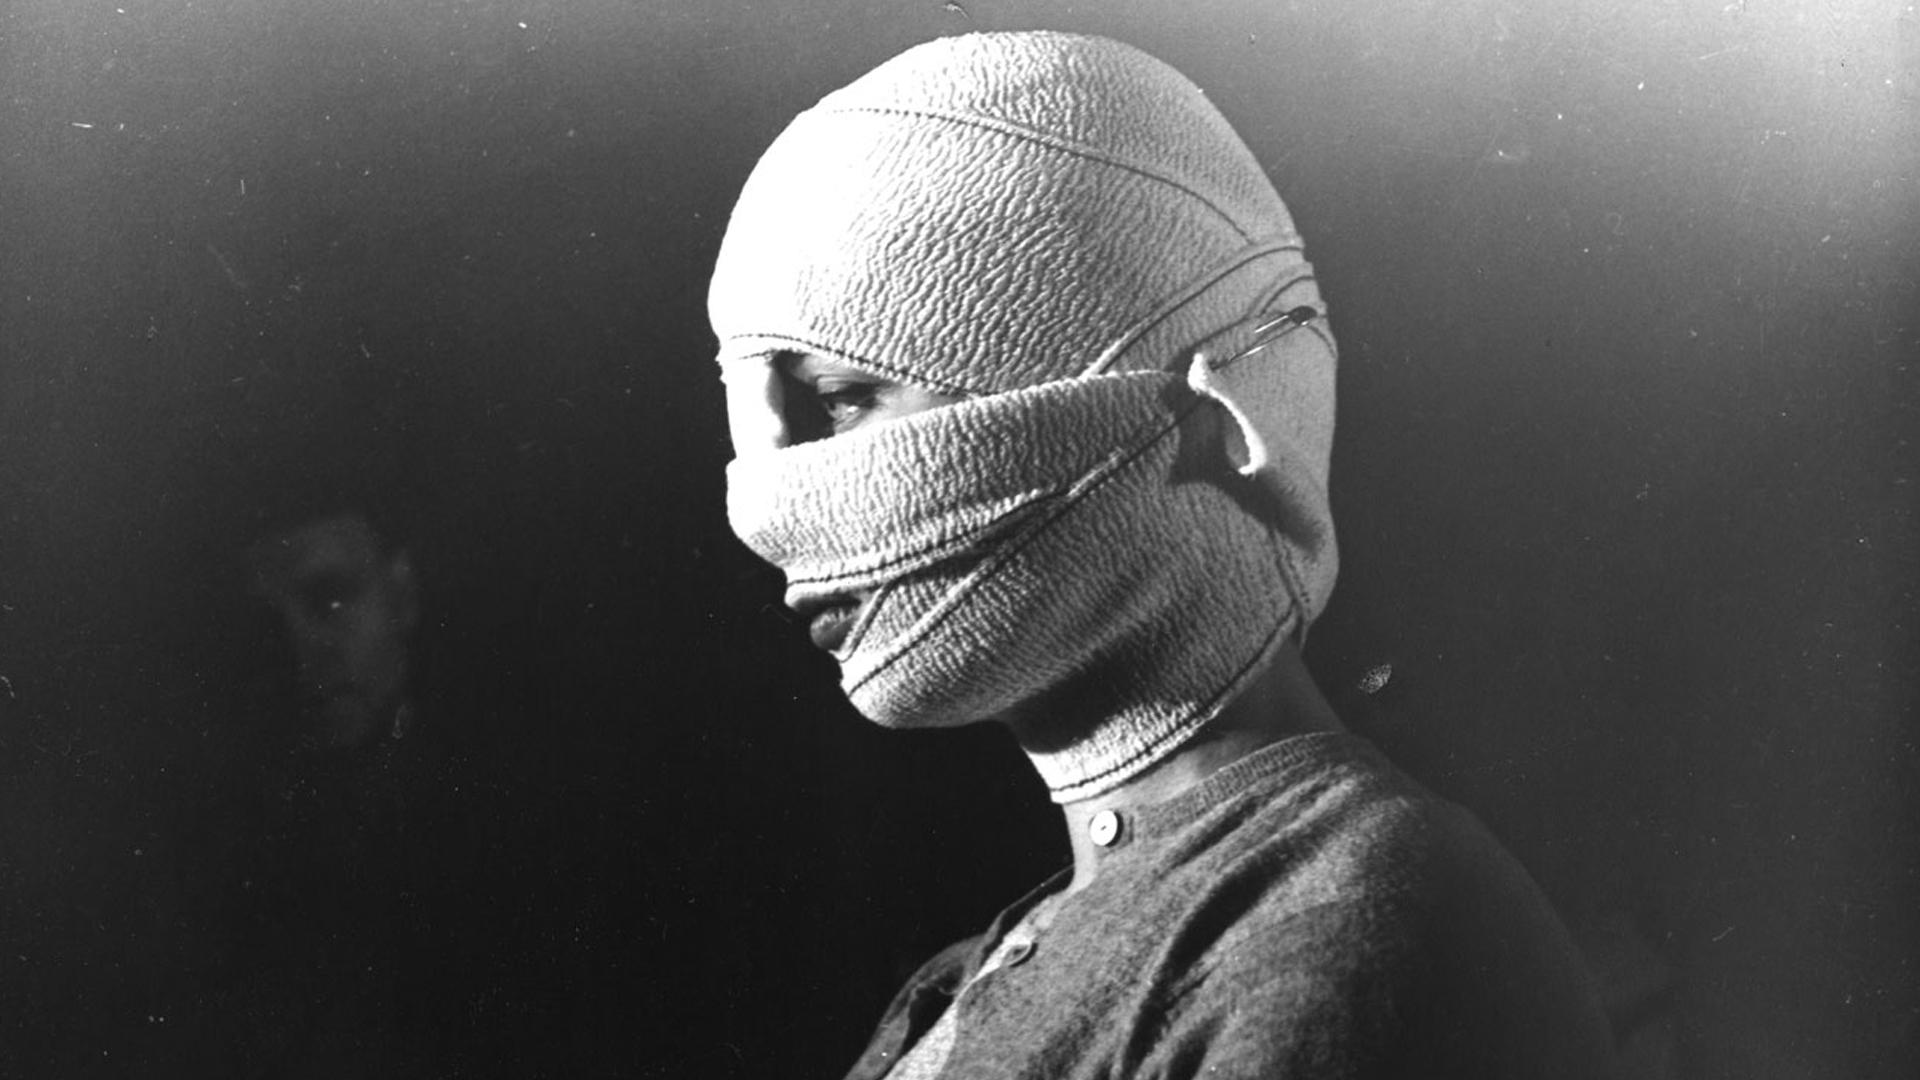 les-yeux-sans-visage-6.jpg